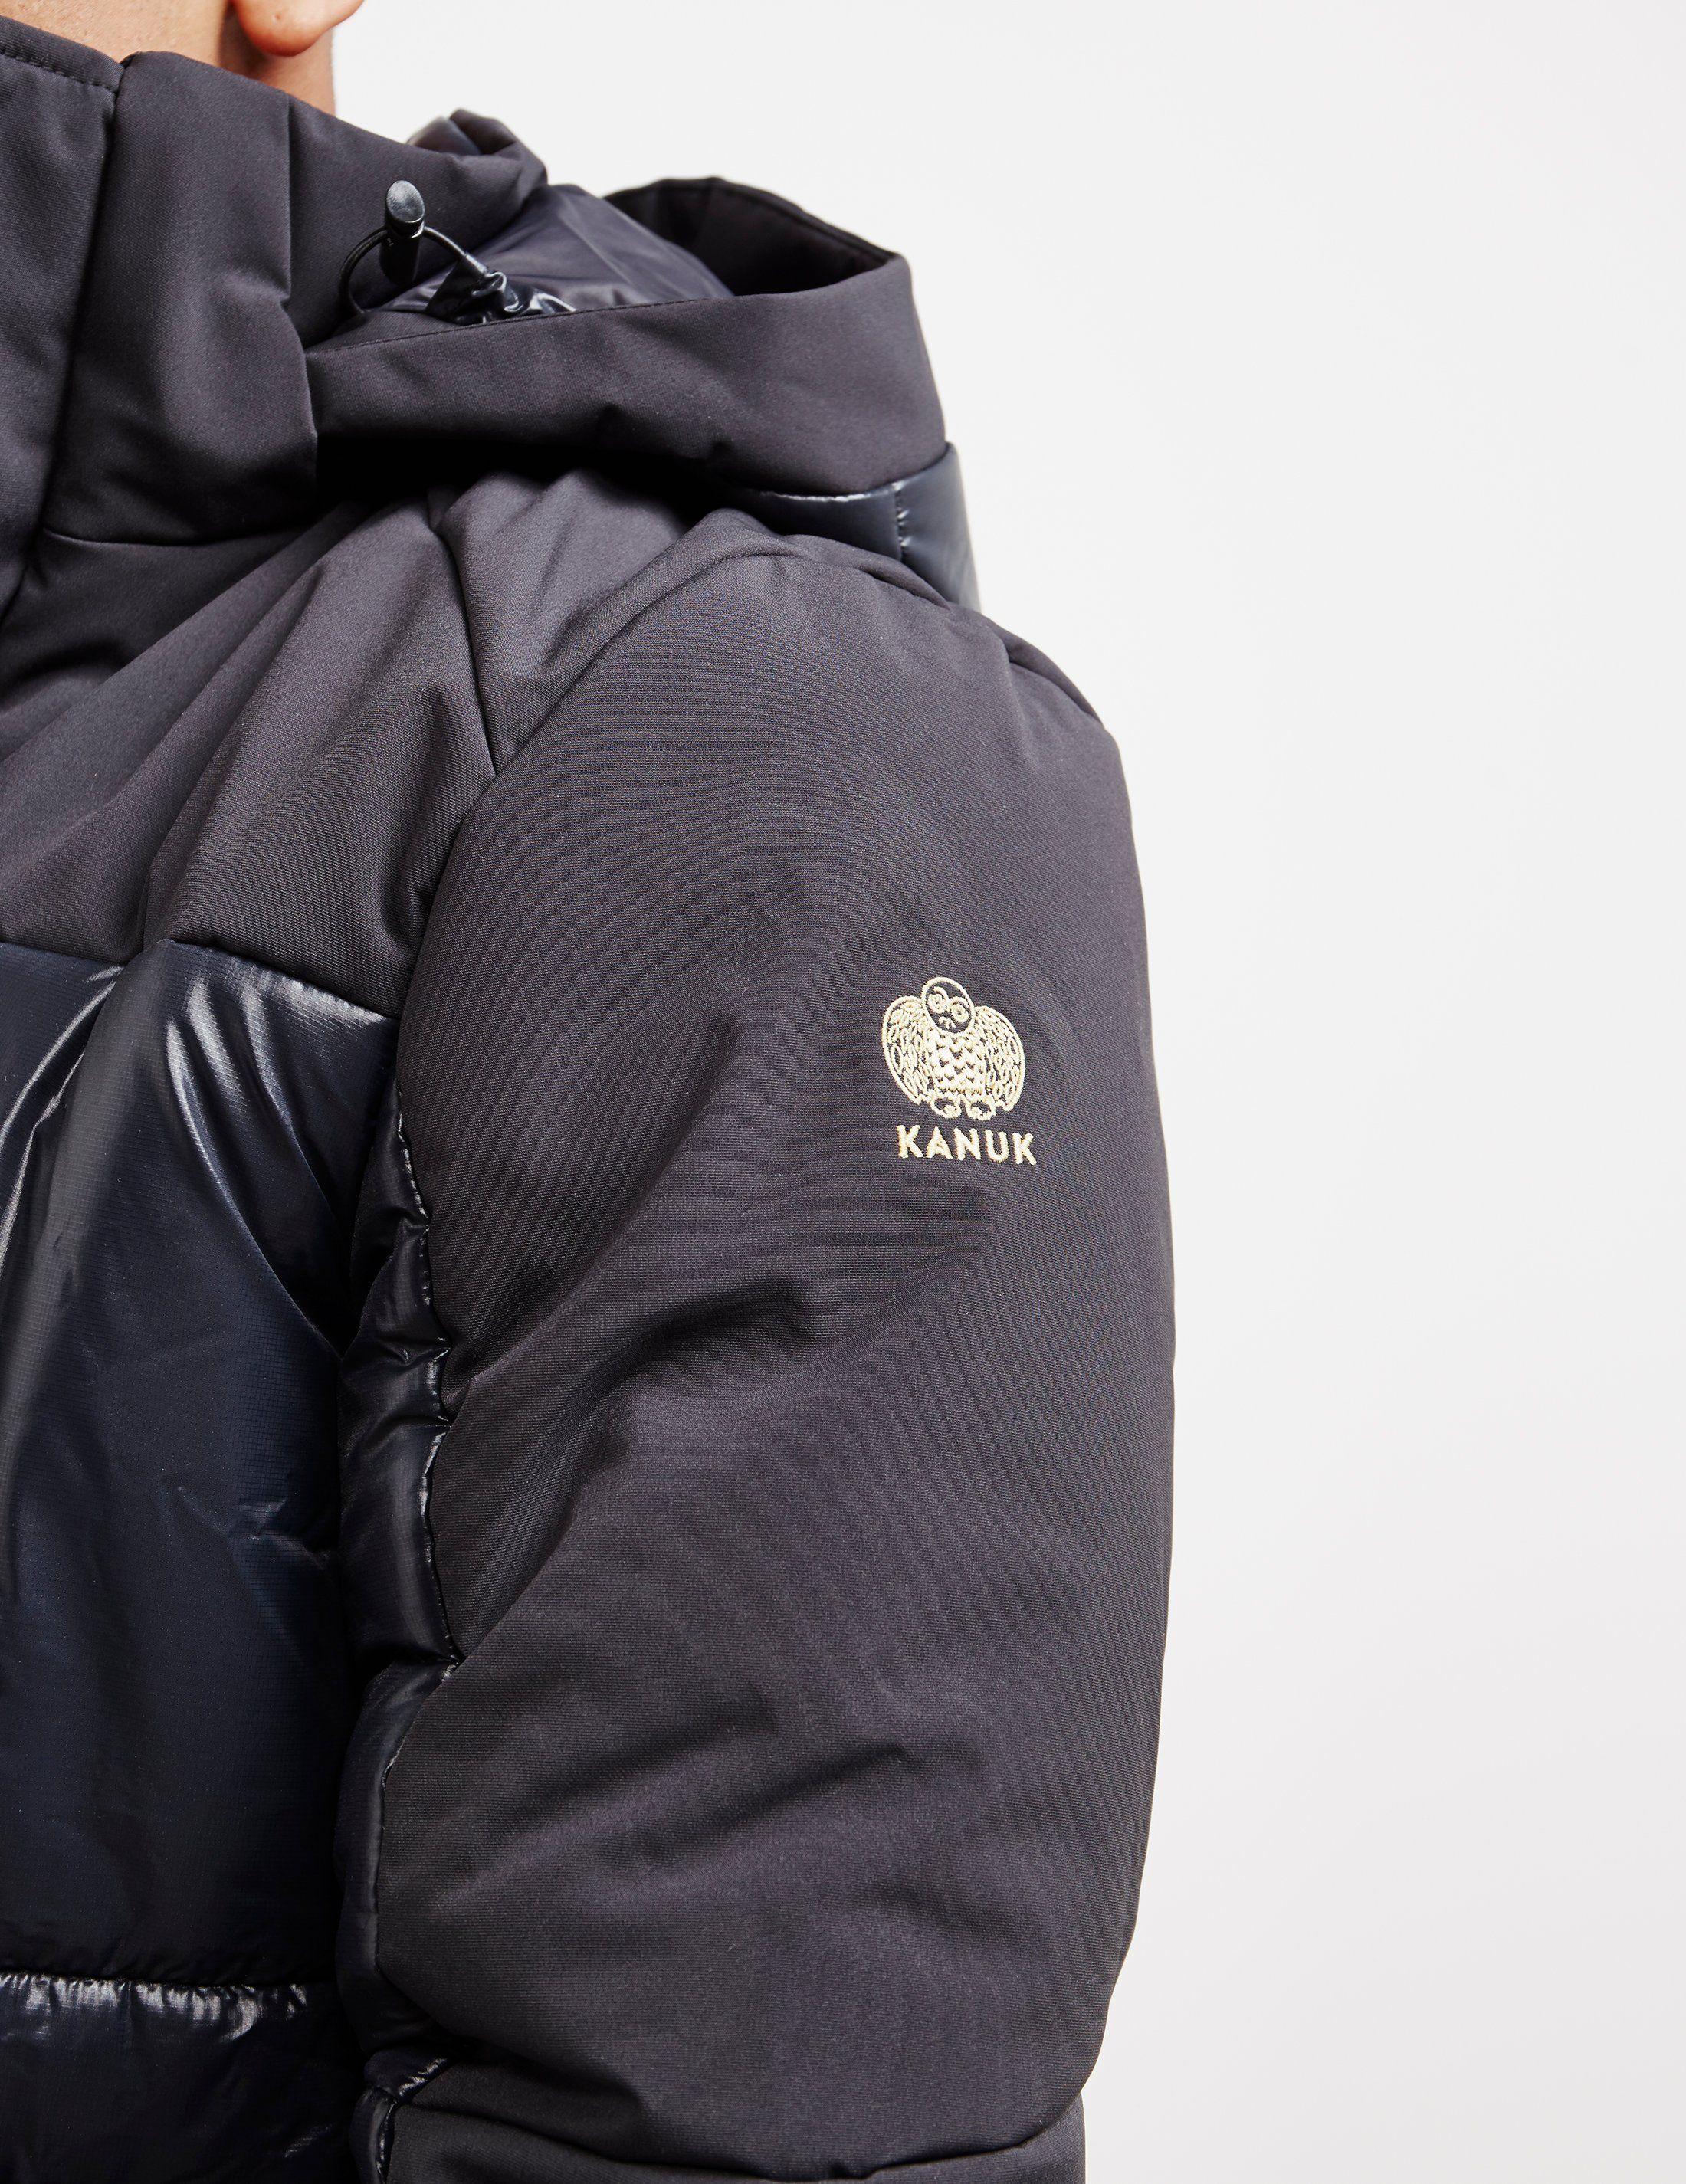 Kanuk Softshell Padded Jacket - Online Exclusive